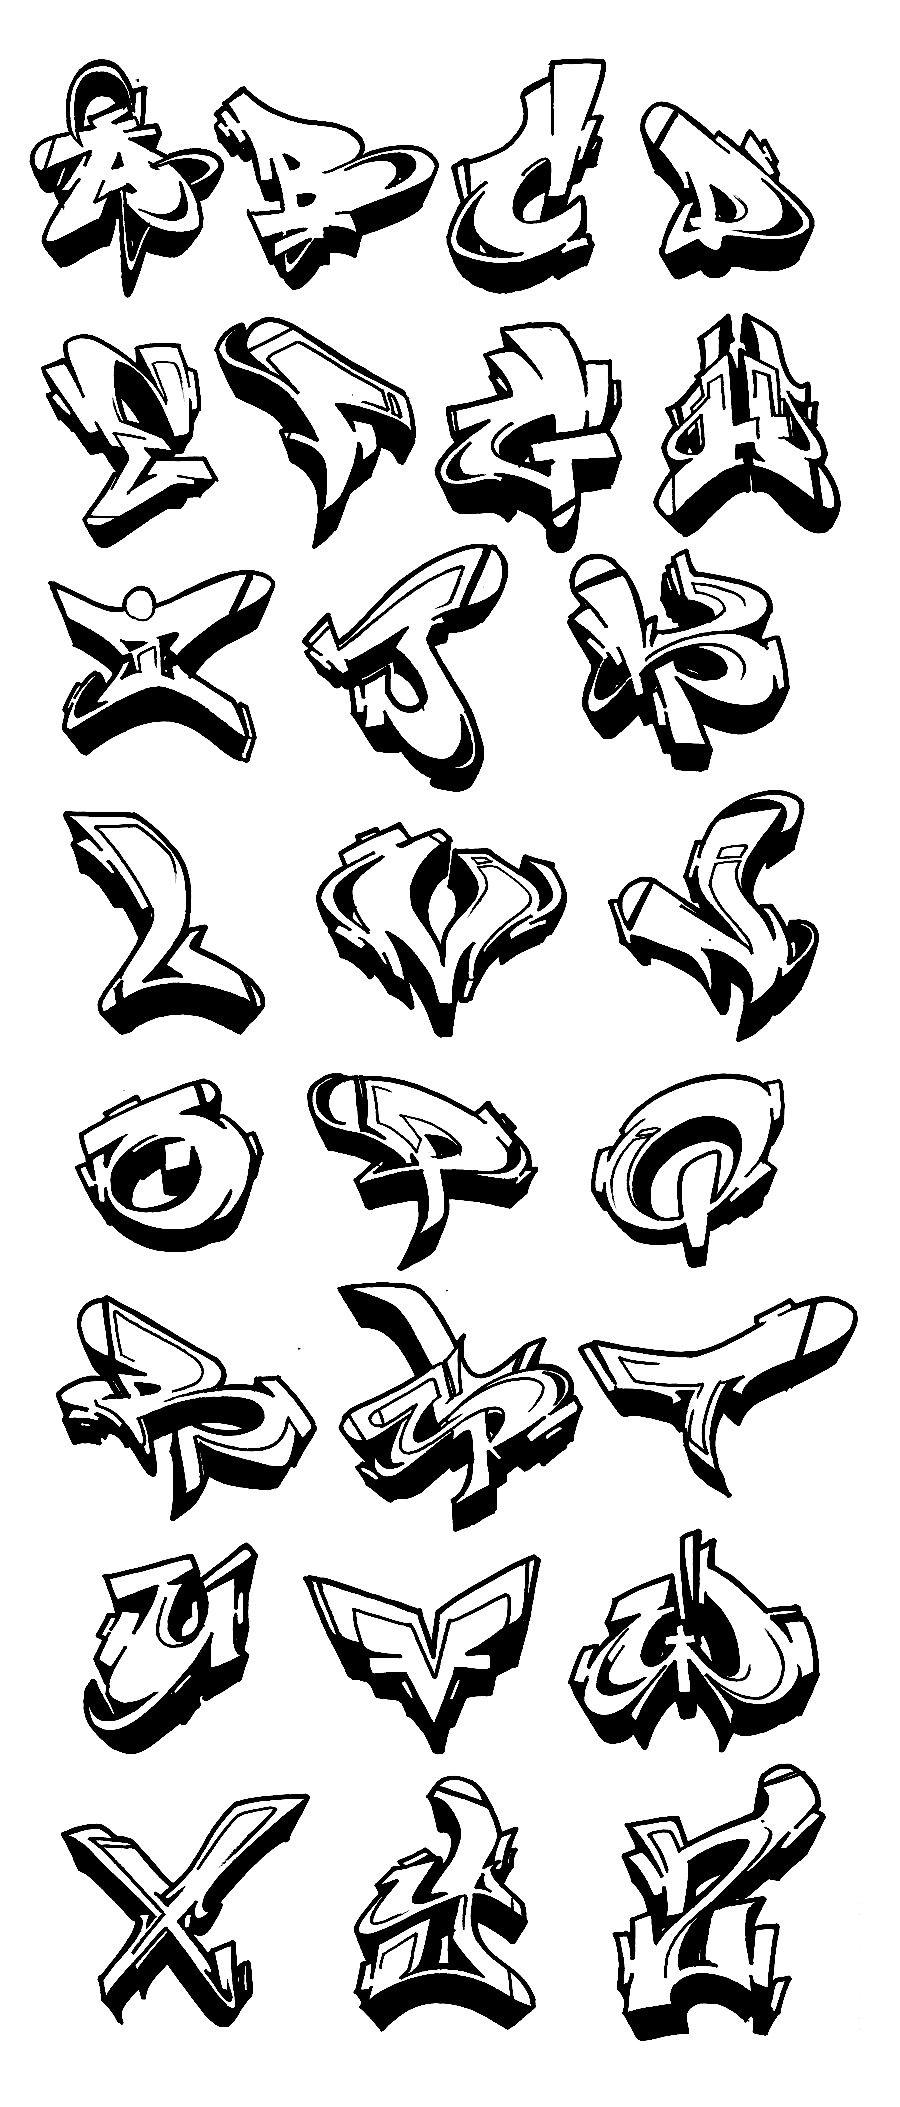 Resultado de imagen para letras graffiti urbano abecedario